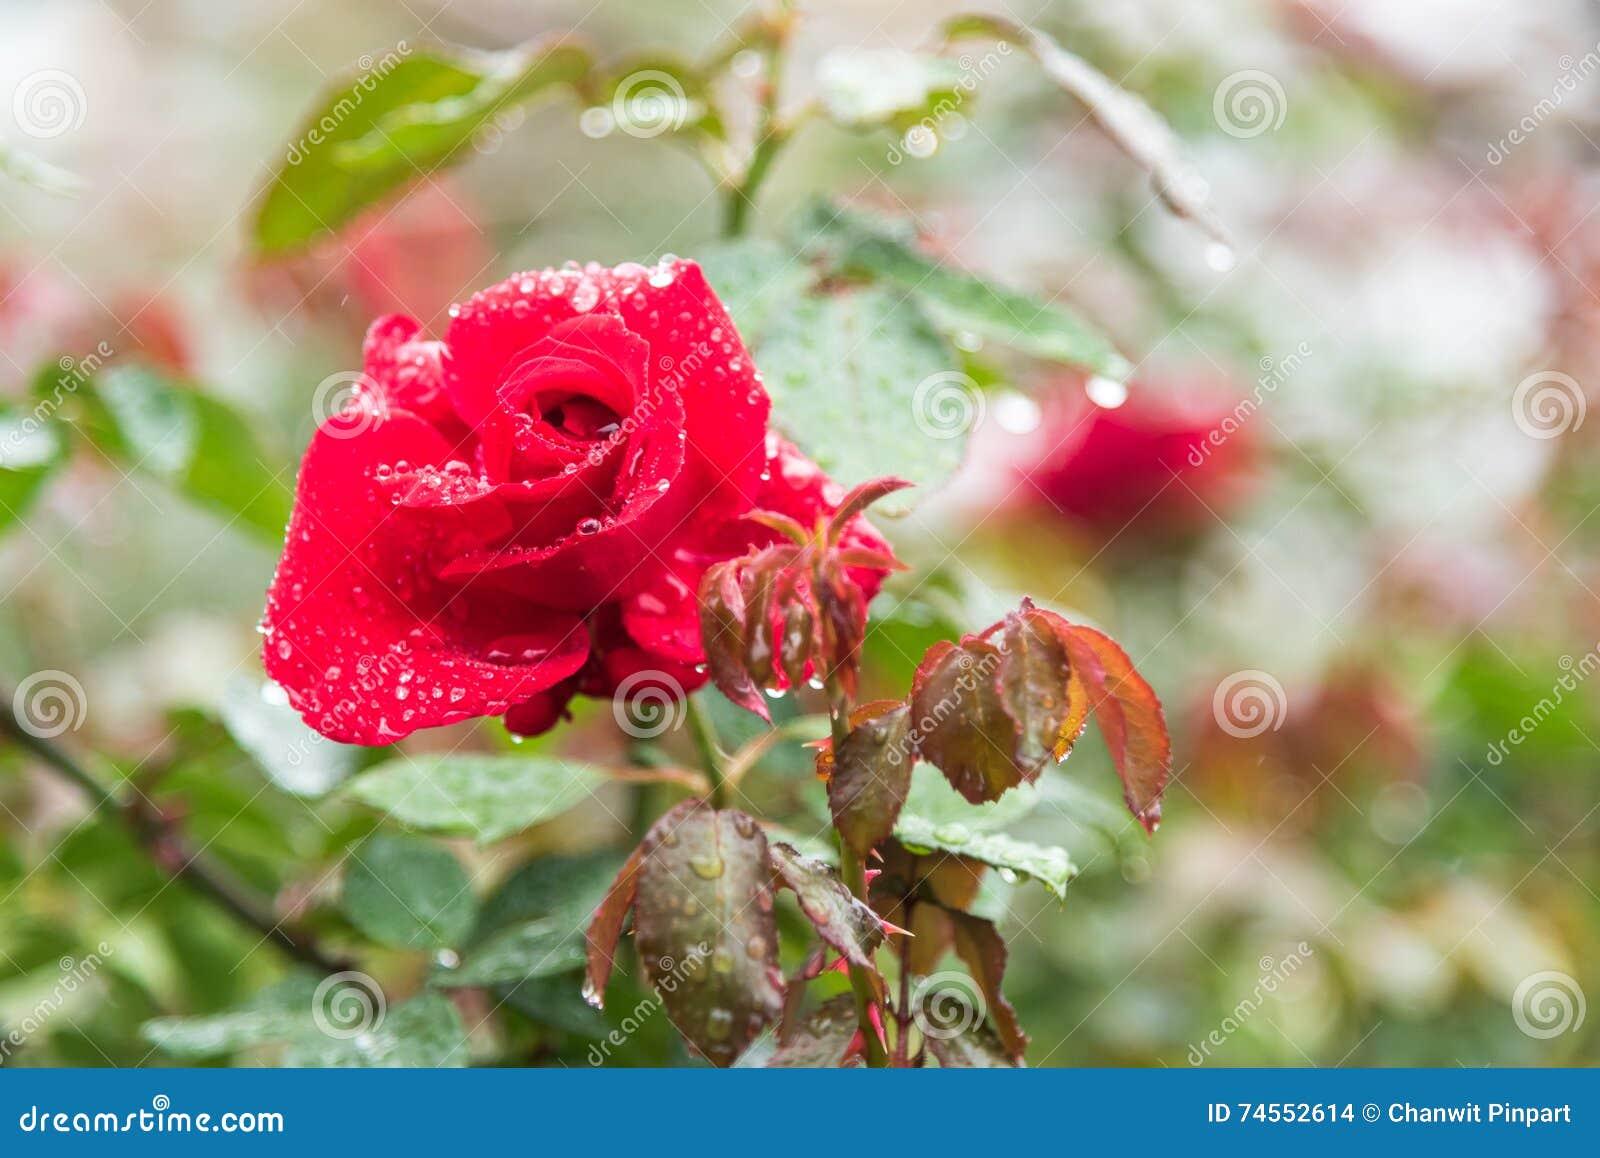 fleur de rose de rouge sur la branche avec des baisses de rosée dans